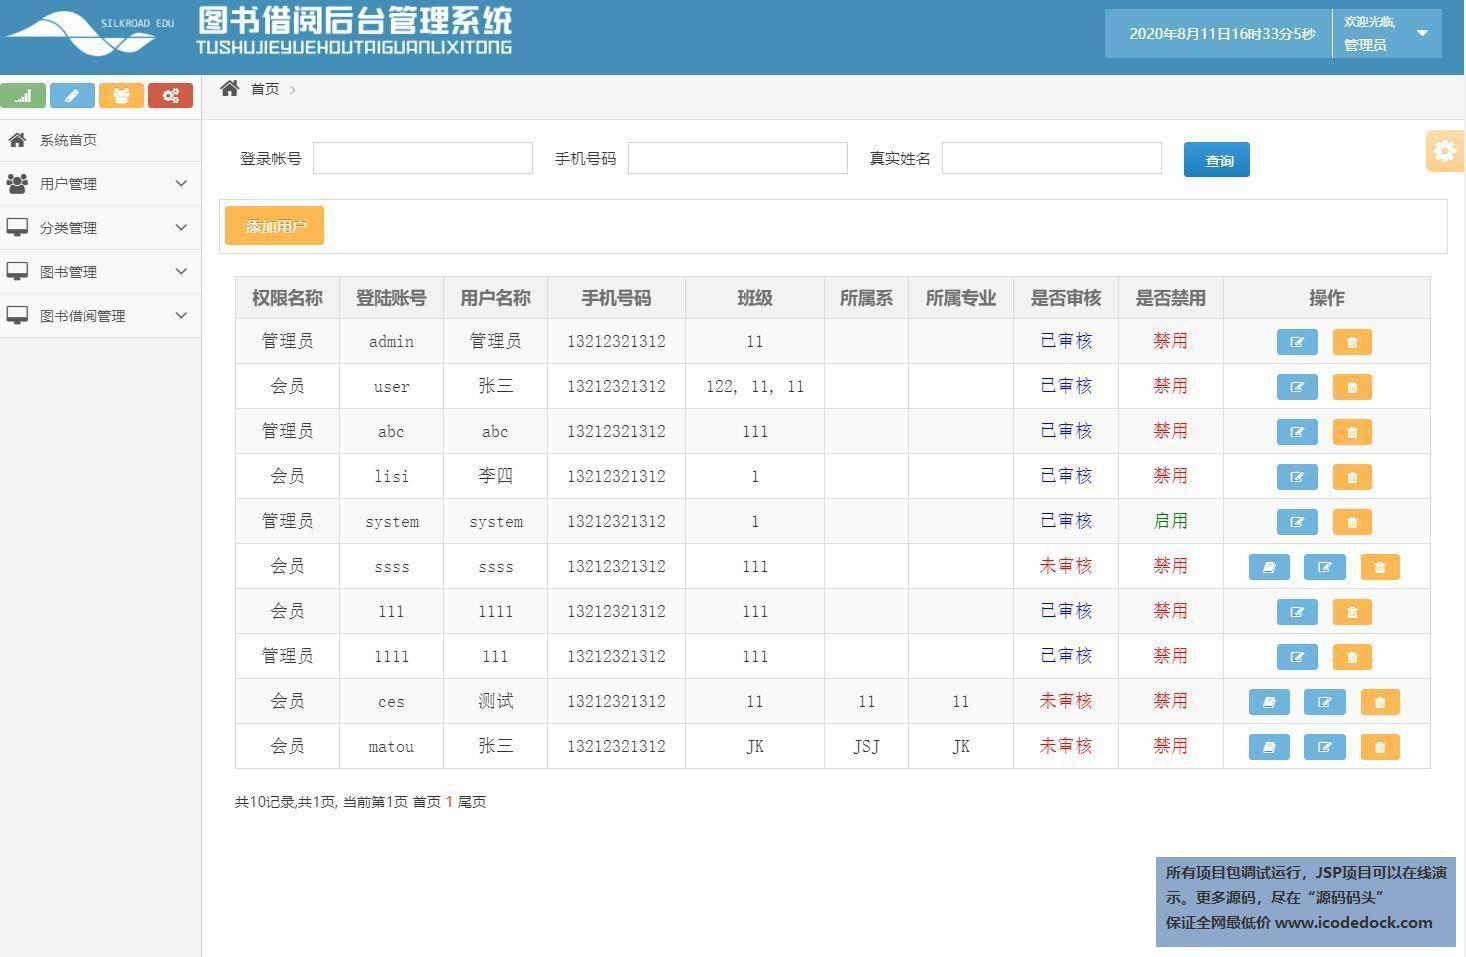 源码码头-SSH实现简单图书借阅管理系统-管理员角色-用户管理